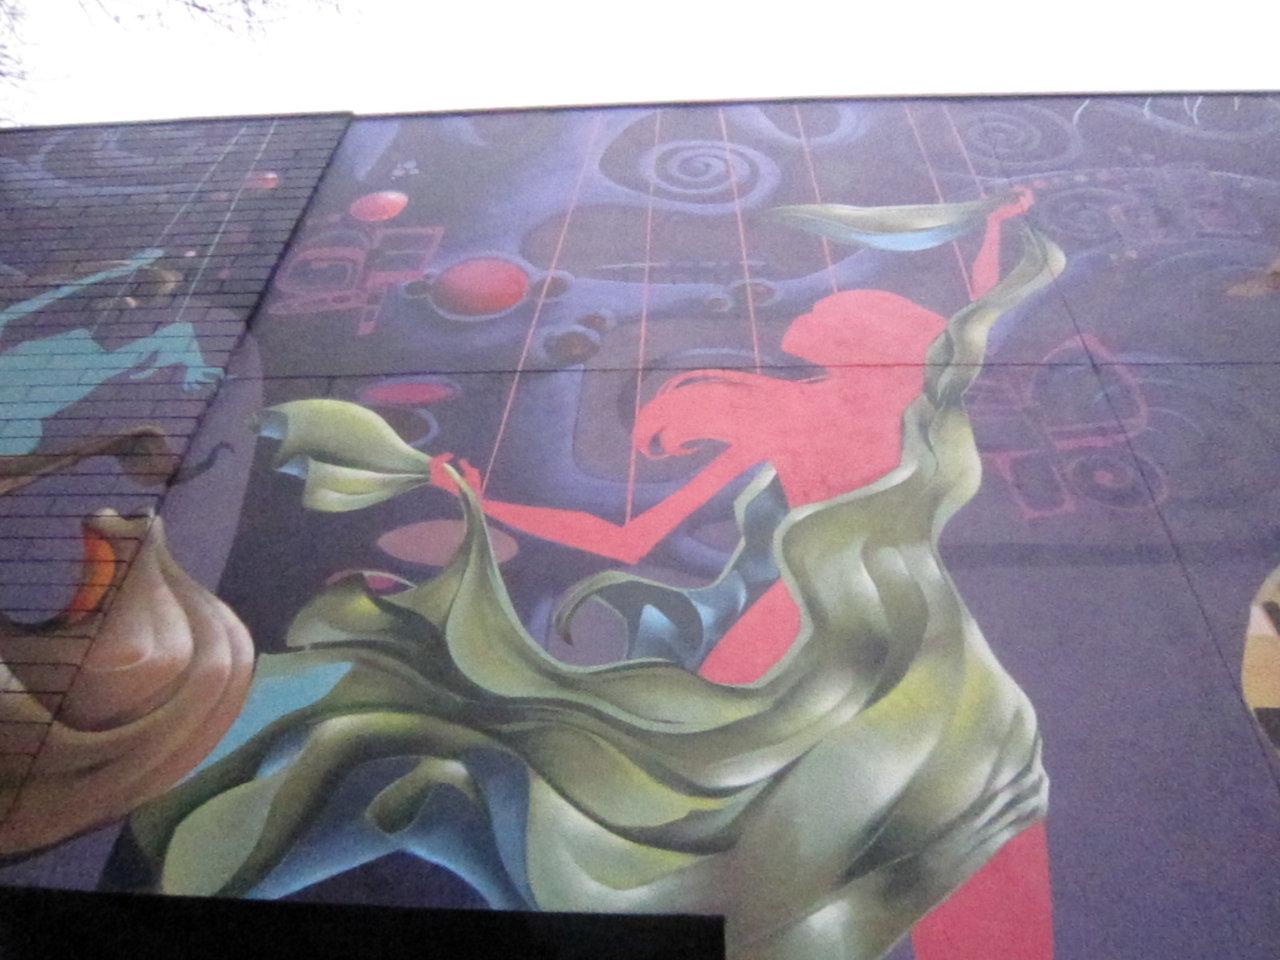 mural in w.vancity